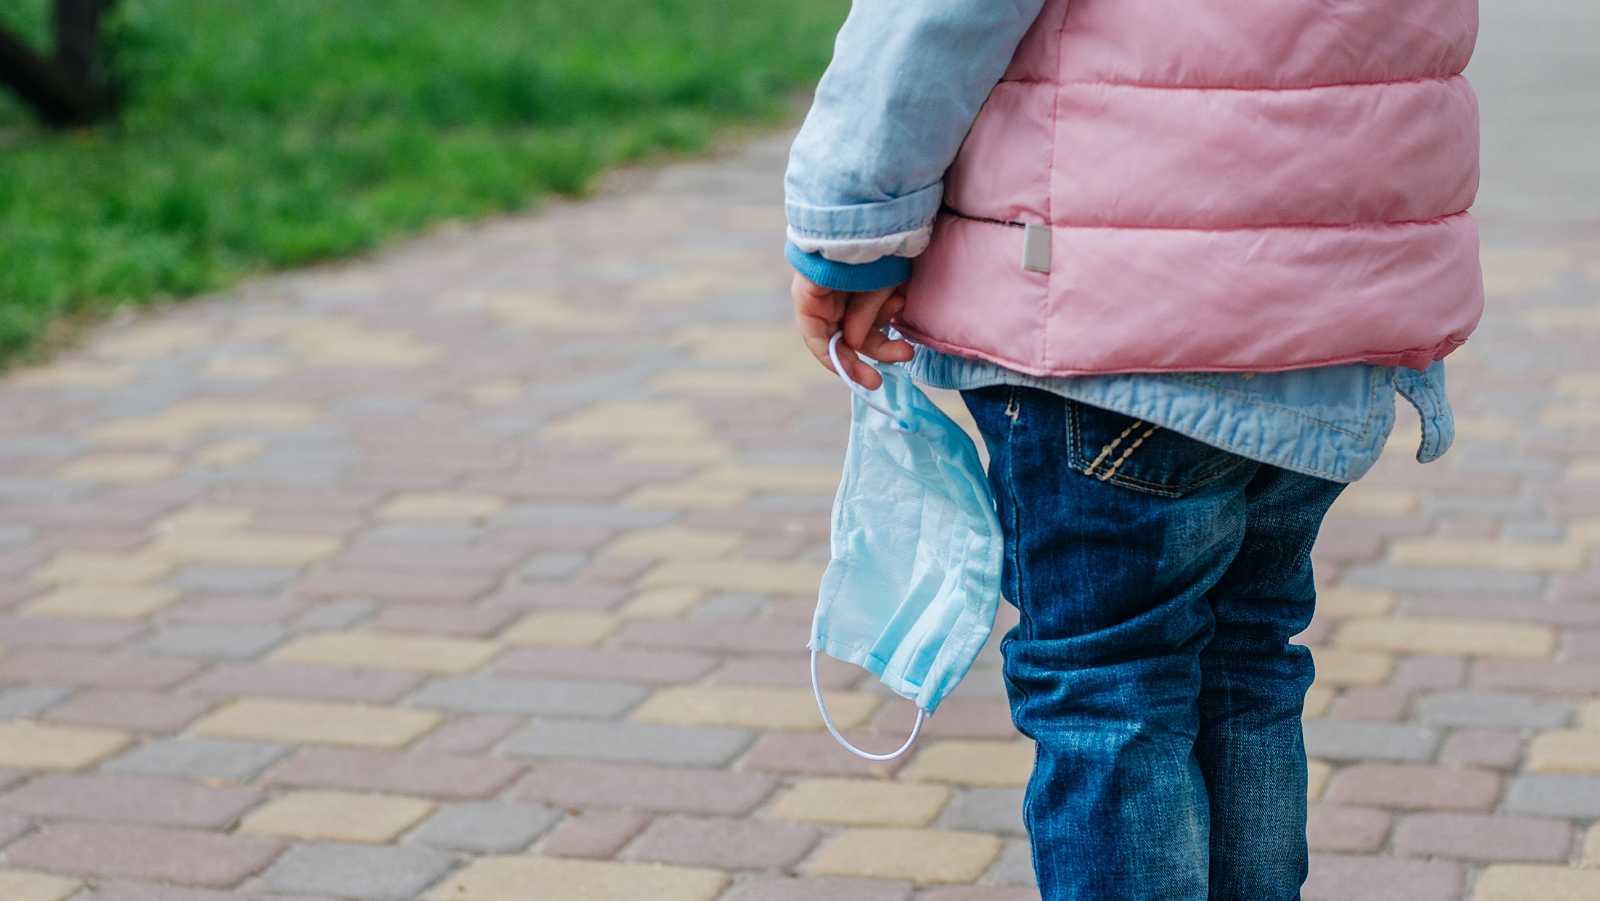 Una niña sostiene una mascarilla mientras camina por la calle.